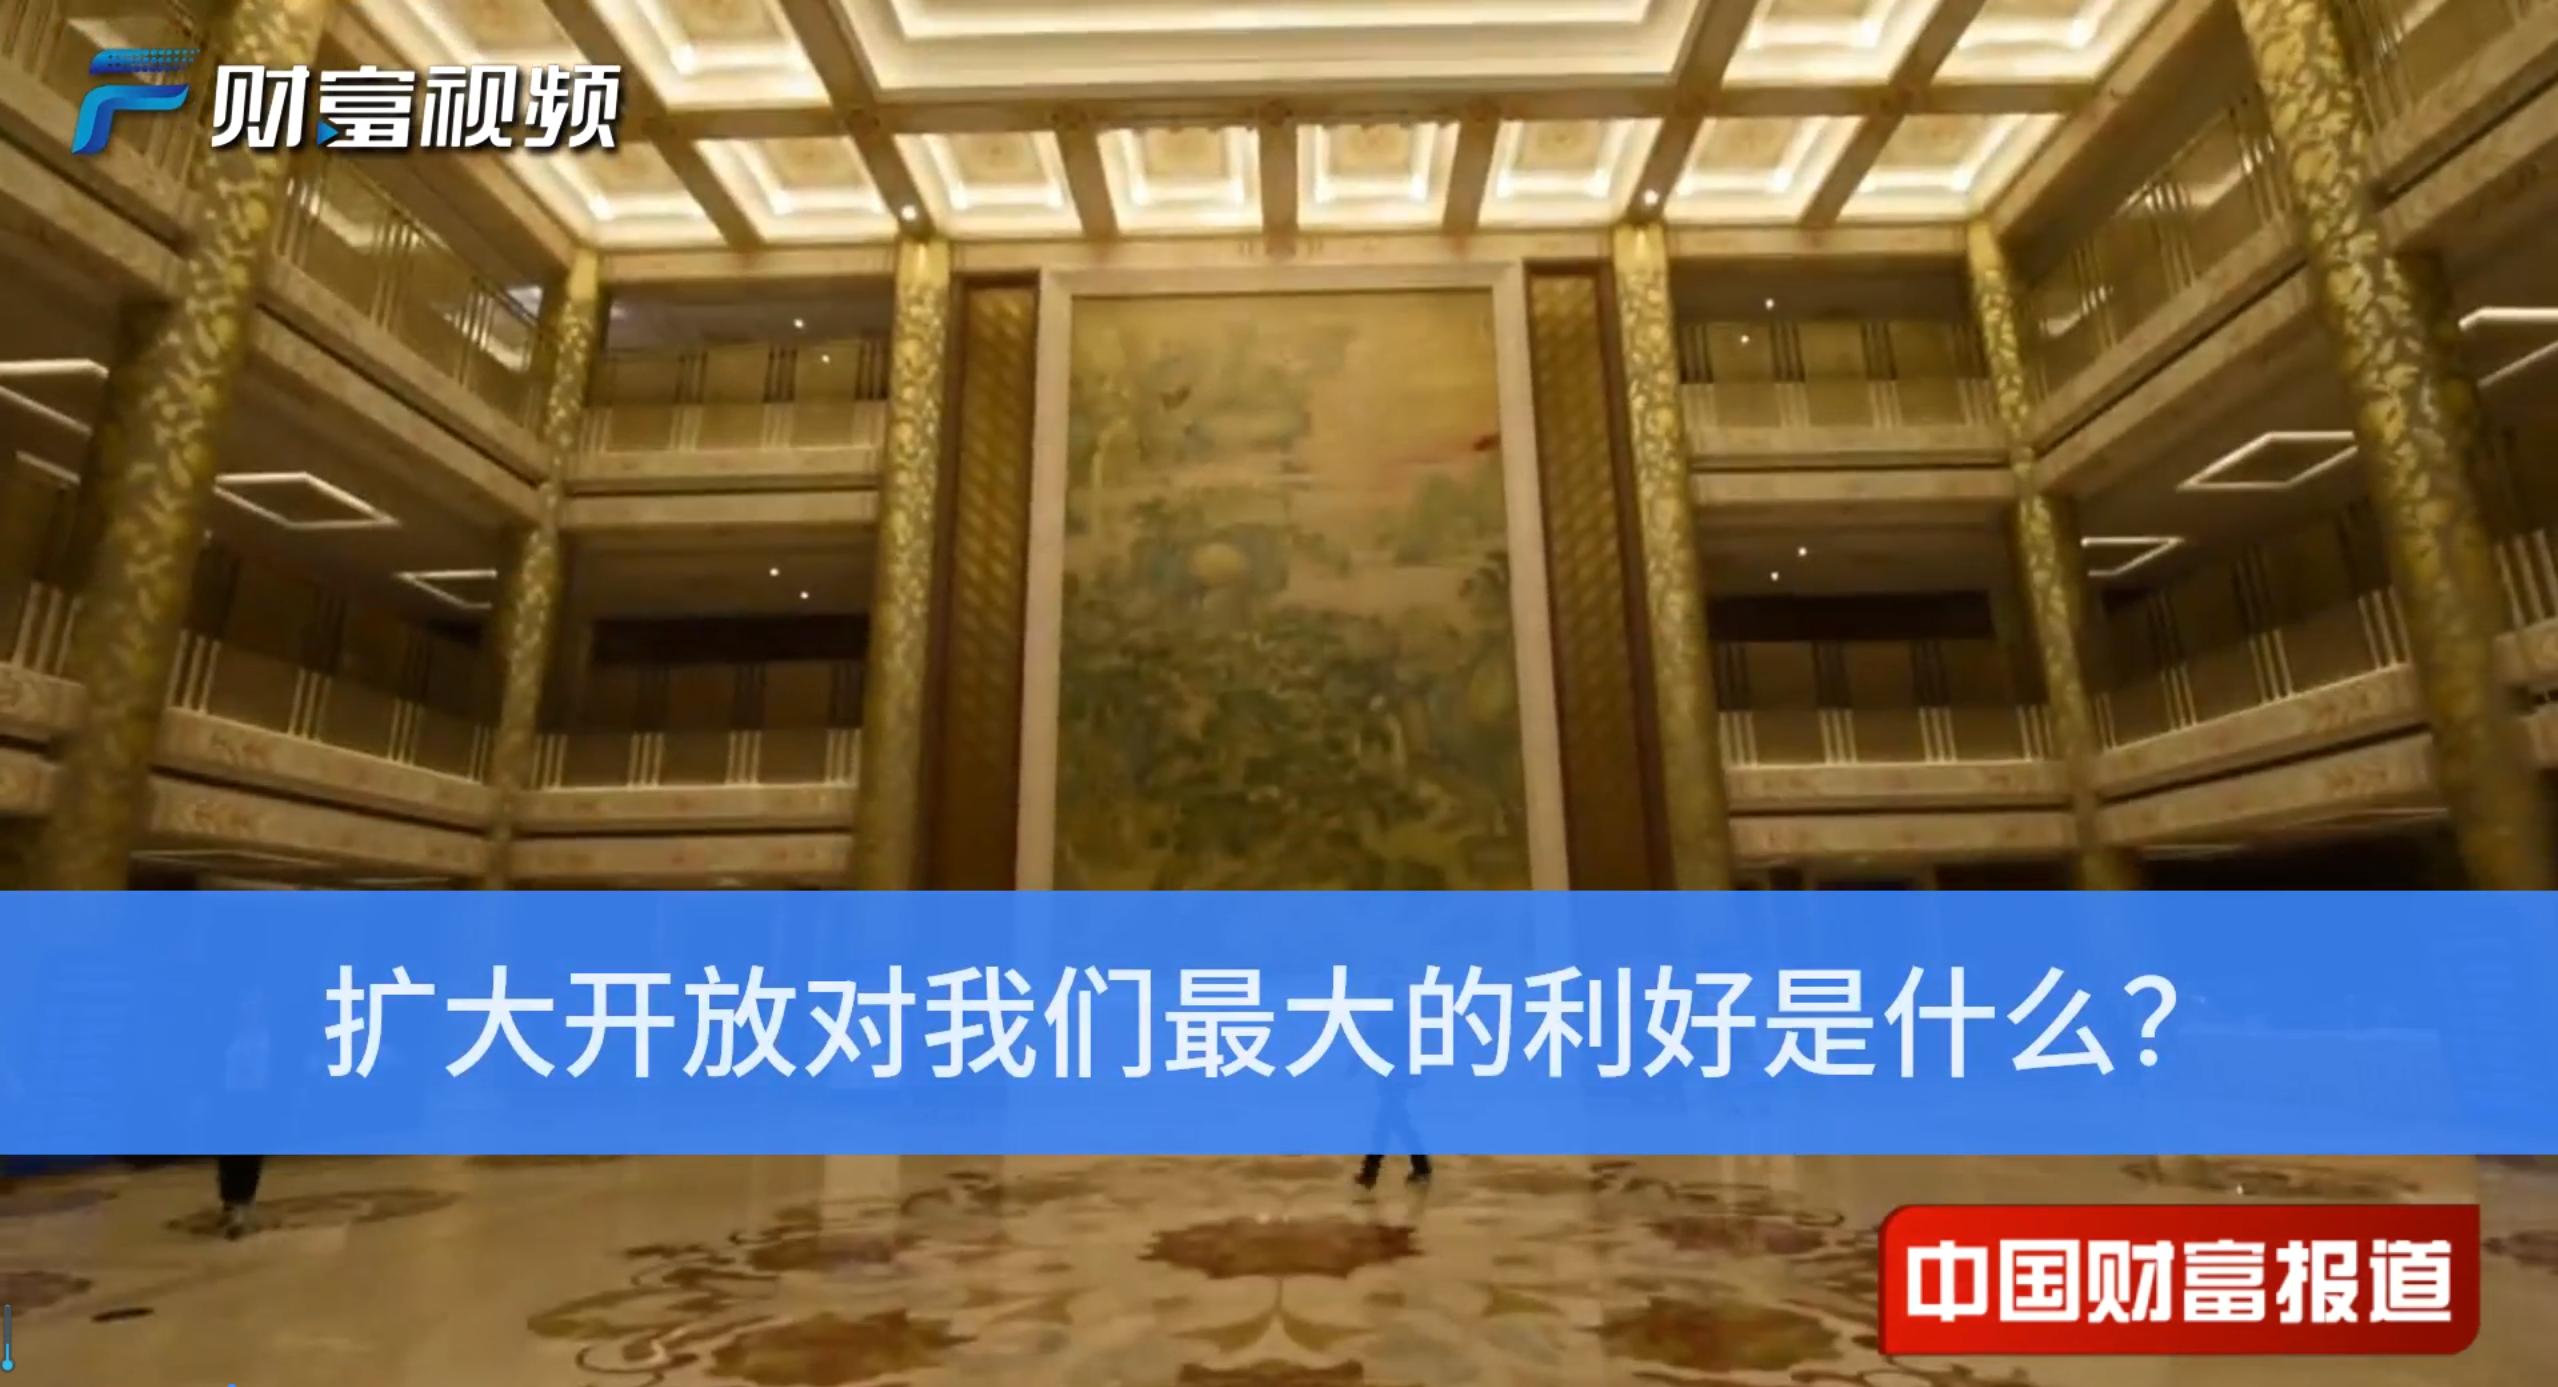 【中国财富报道】李稻葵:扩大开放对我们最大的利好是什么?